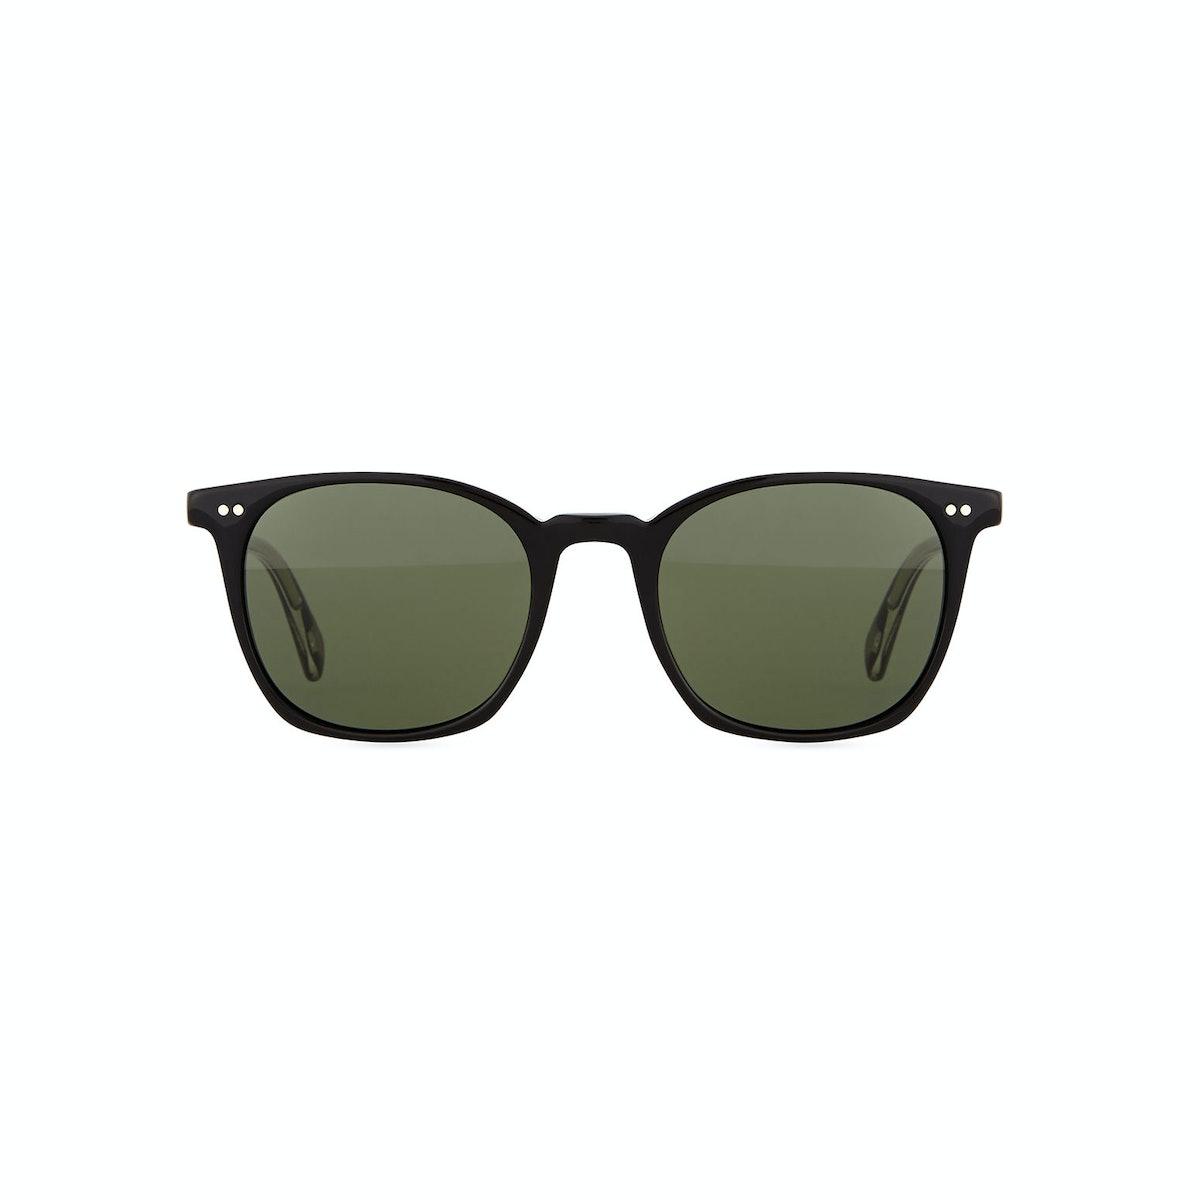 Olivier Peoples sunglasses, $355, neimanmarcus.com